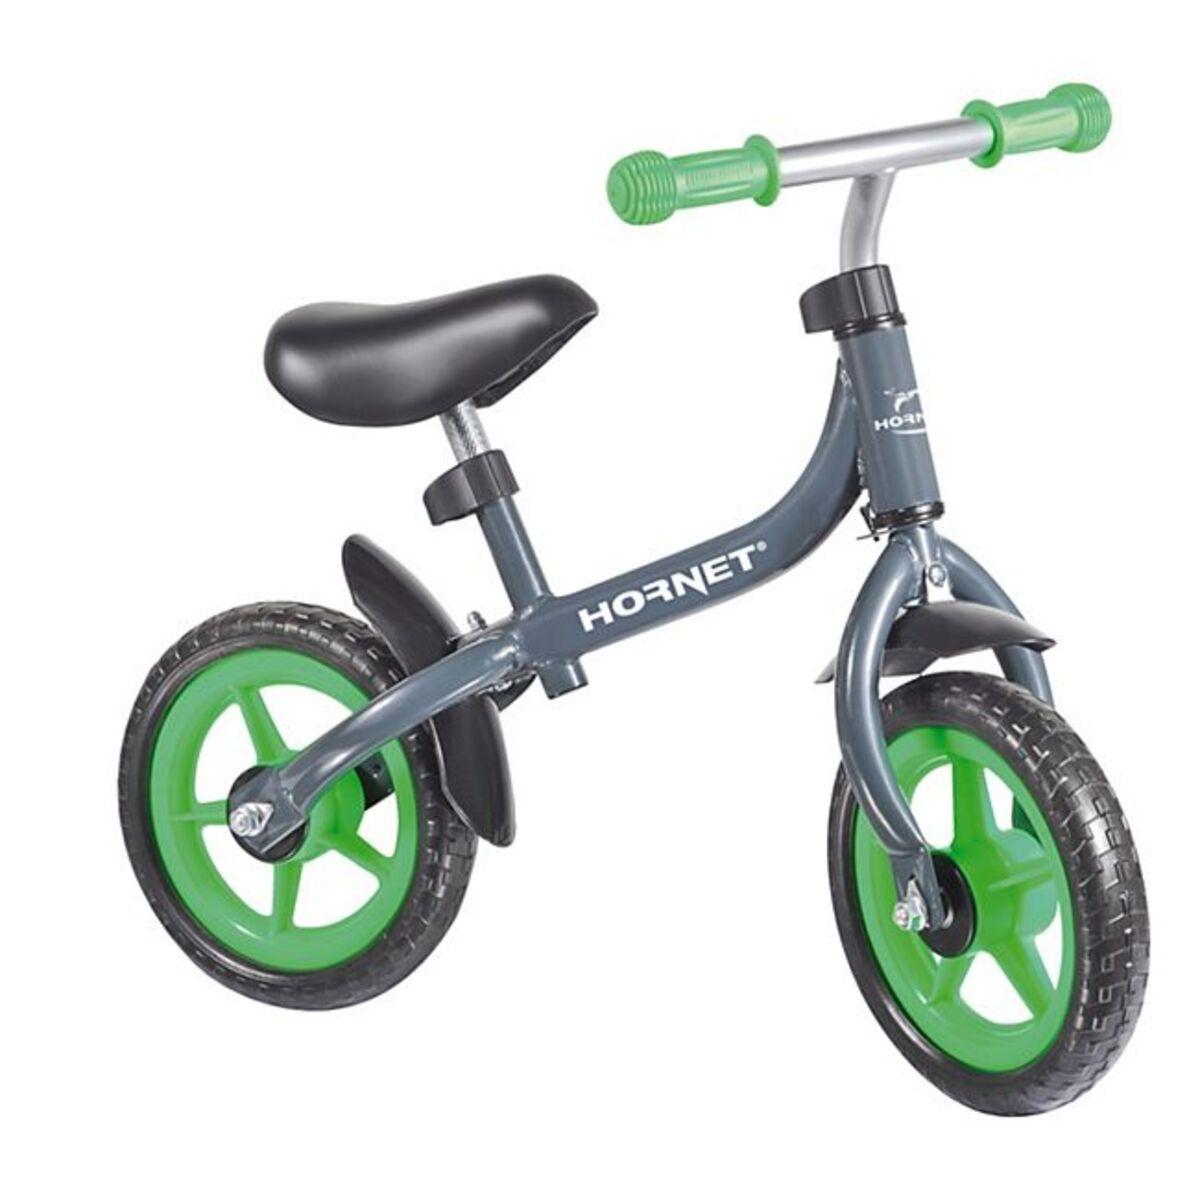 Bild 1 von Hornet Laufrad Bikey 10 Zoll, grau/grün